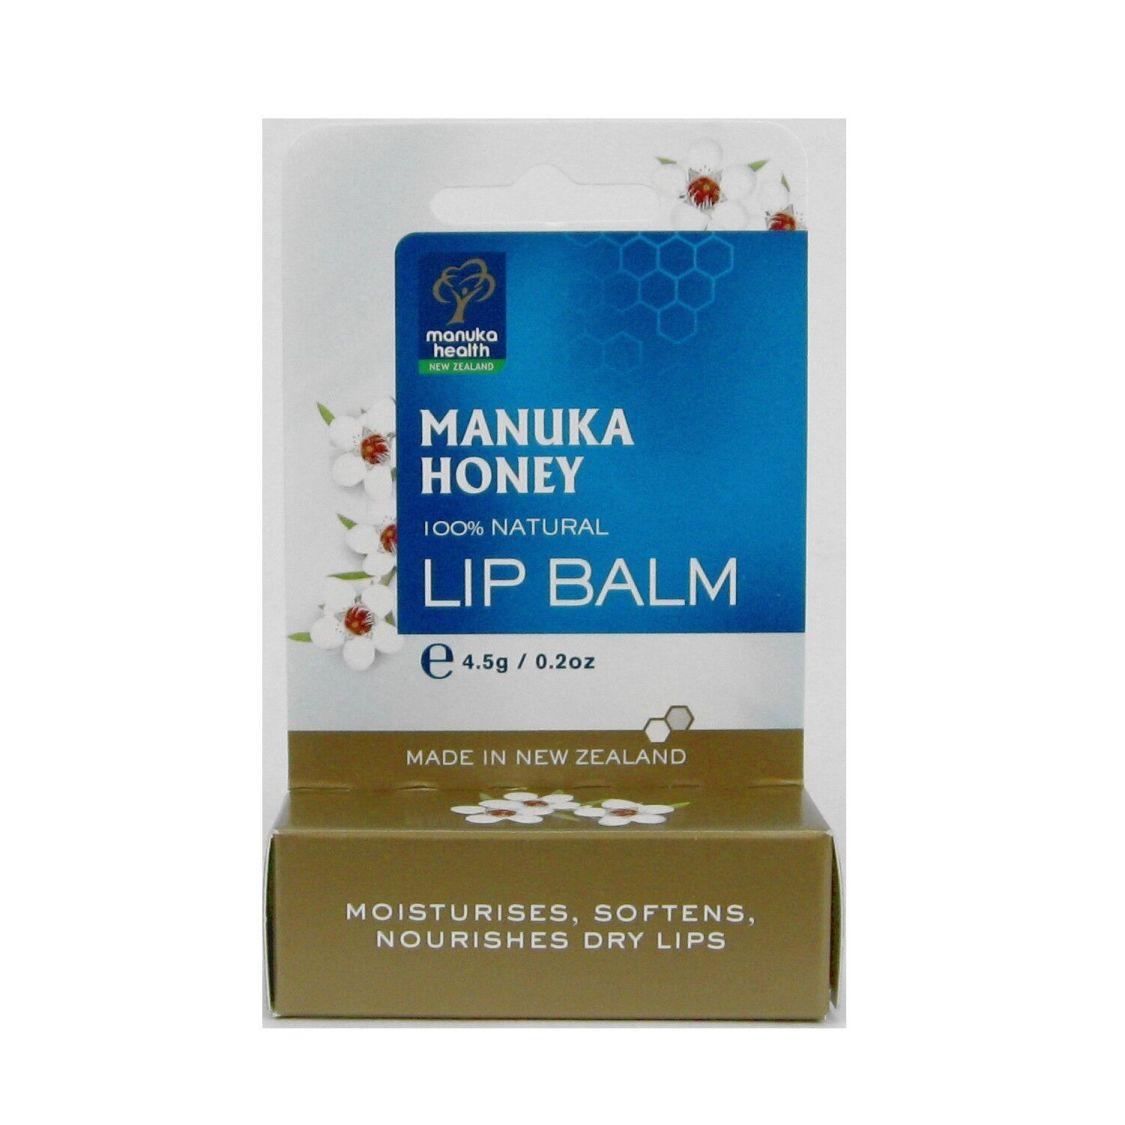 Manuka Health Lip Balm Lippenpflegestift Lippenbalsam Honig Manukahonig 4,5 g